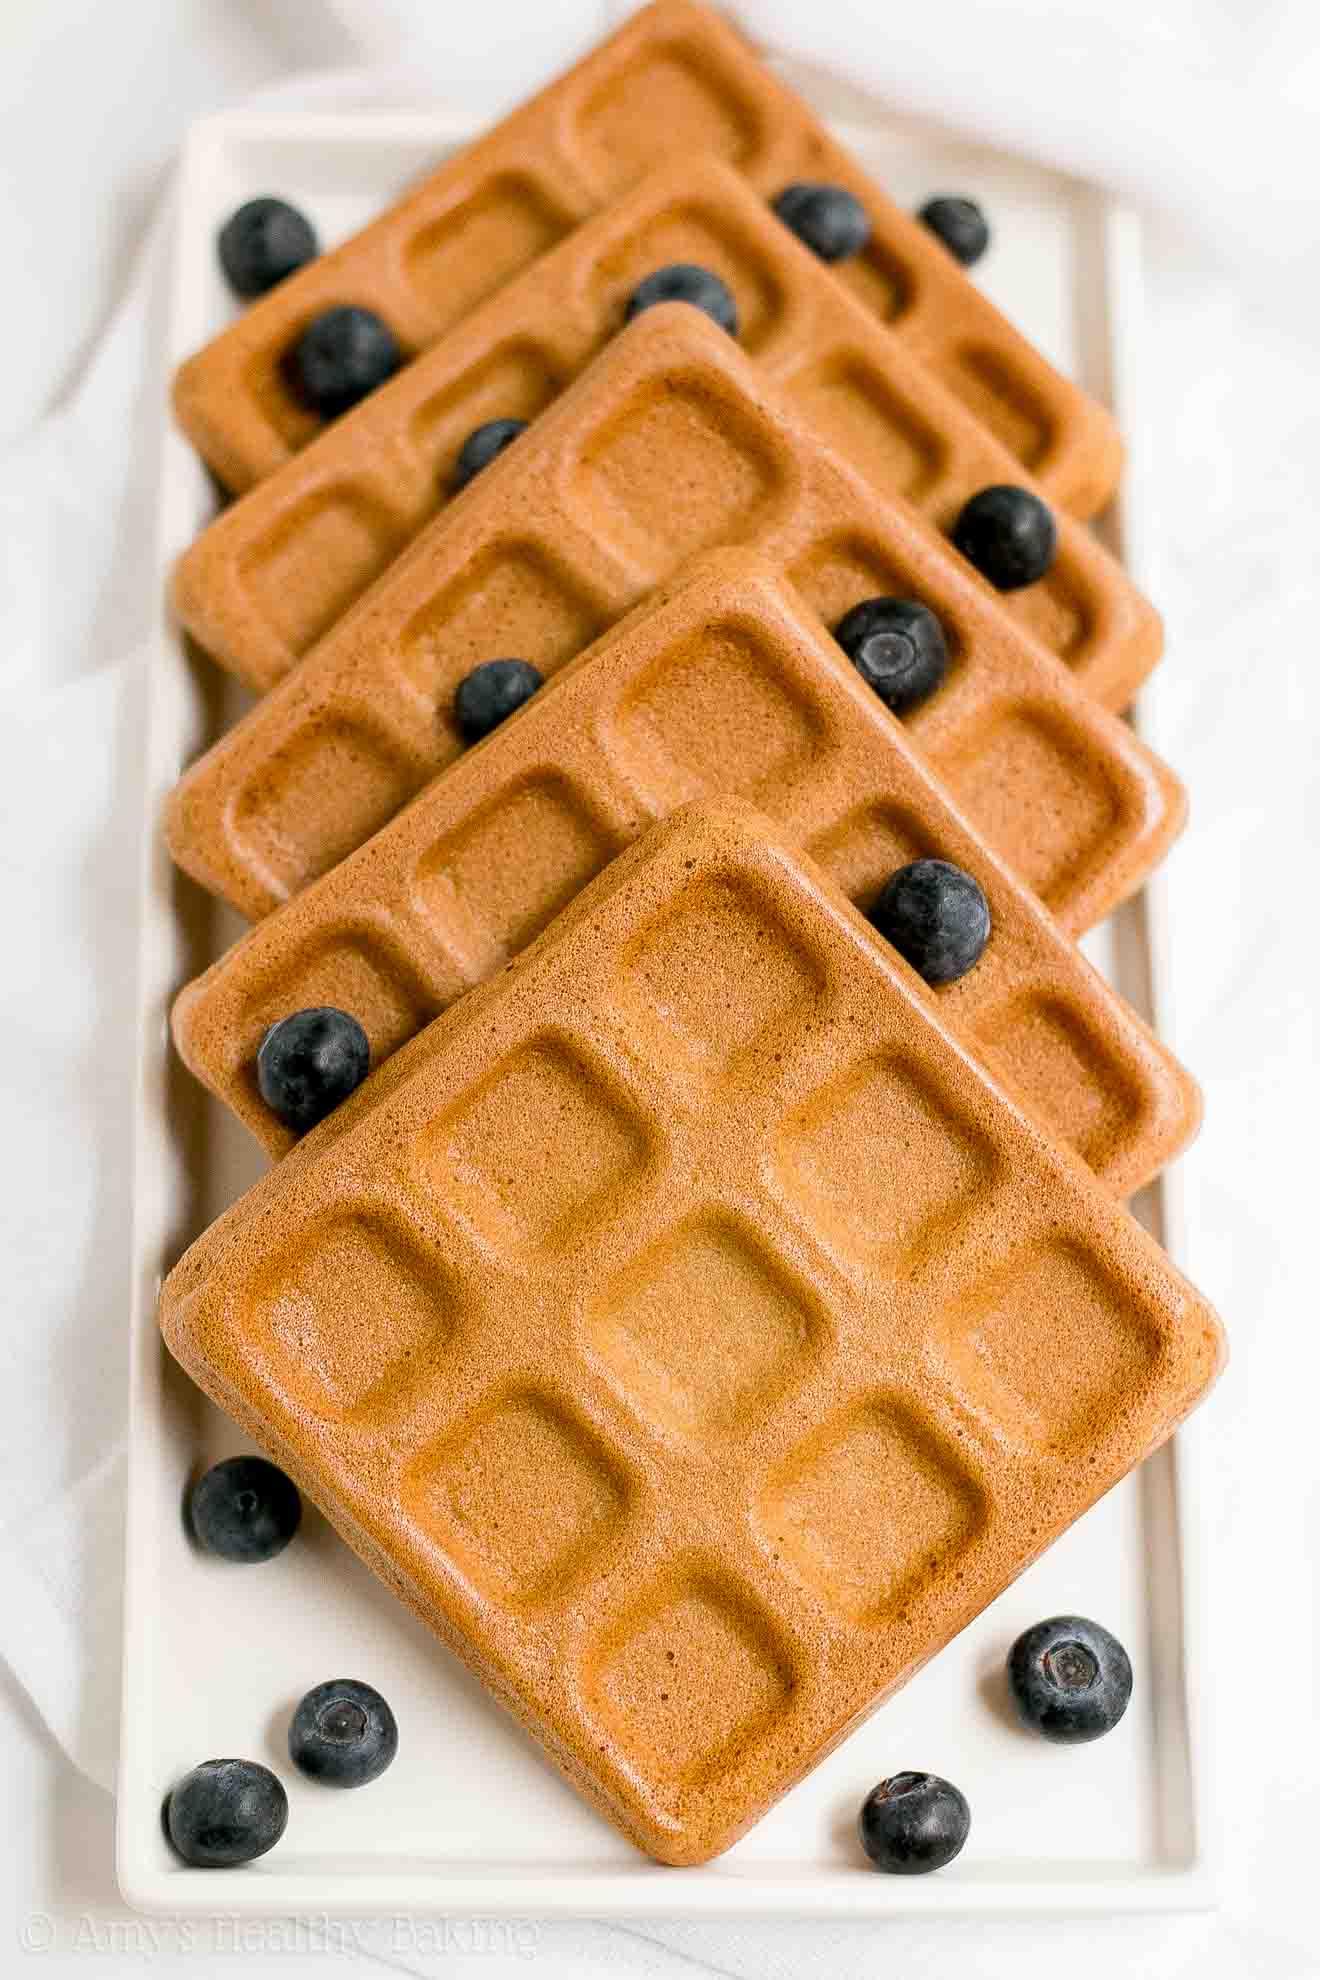 The BEST Healthy Low Calorie Gluten Free Buttermilk Waffles